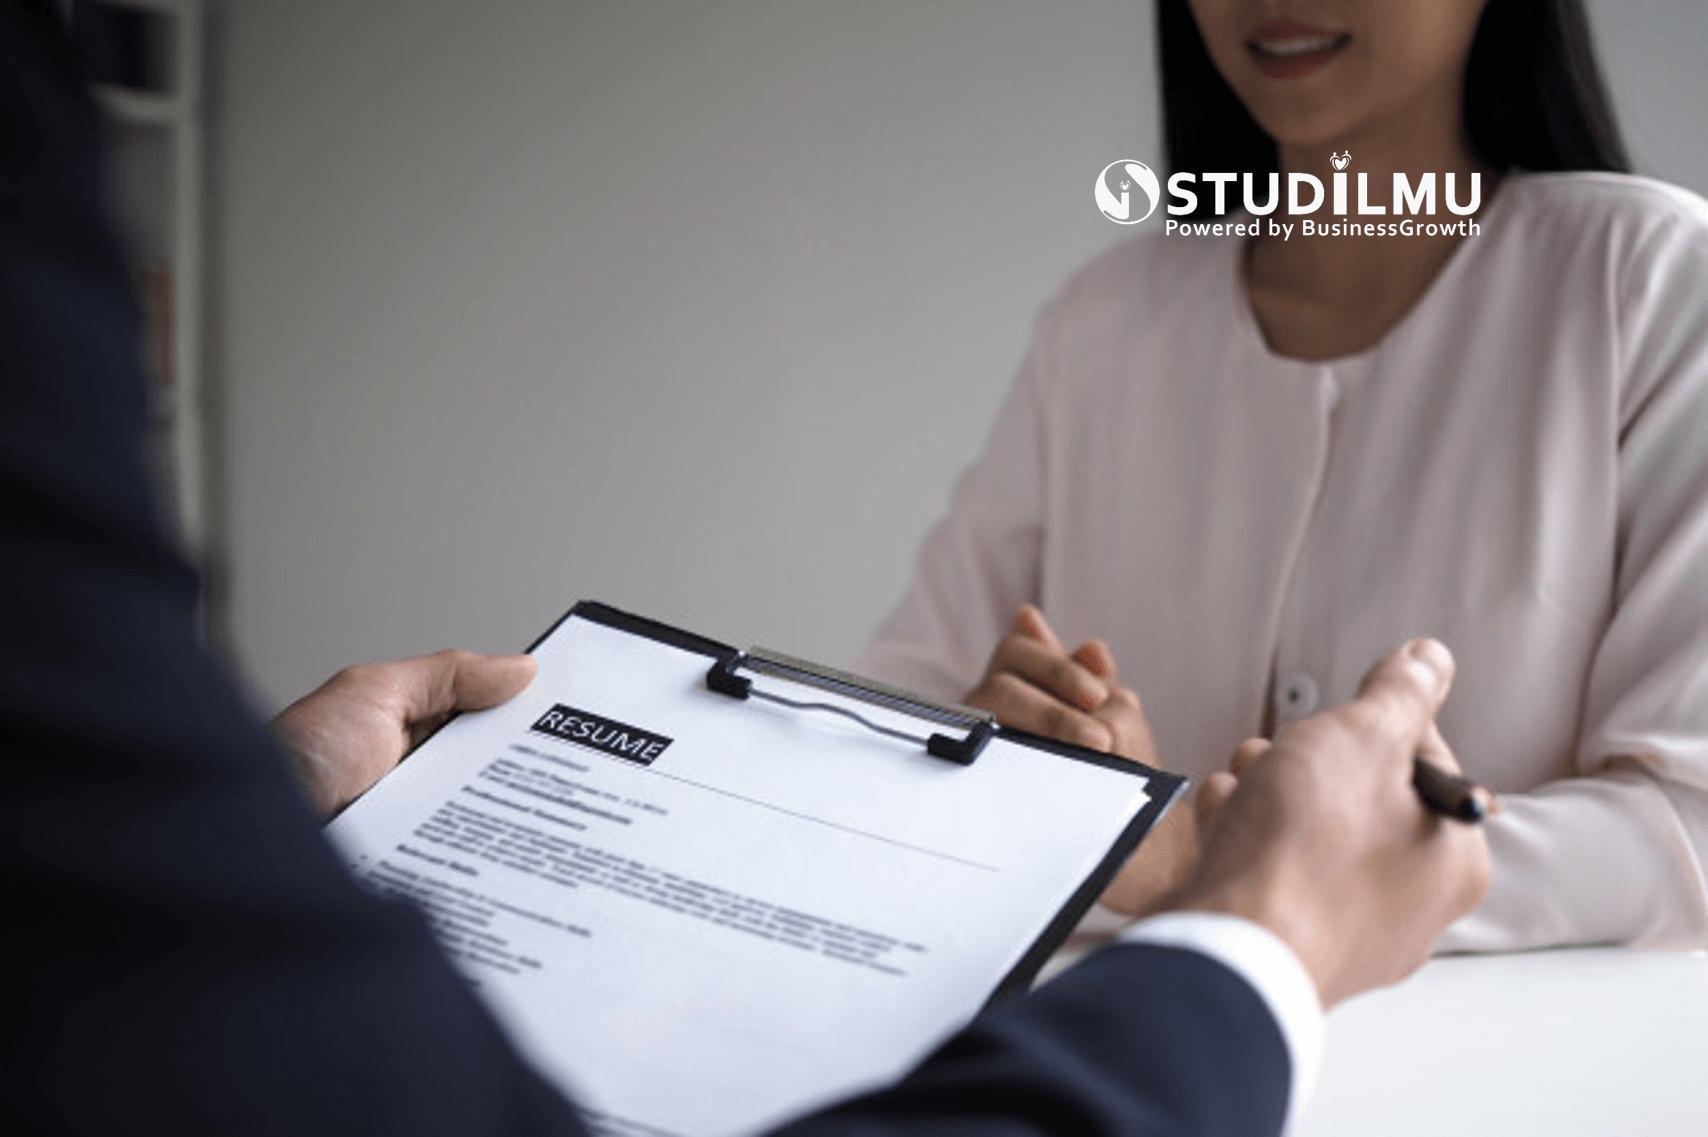 STUDILMU Career Advice - 10 Strategi untuk Pencarian Kerja yang Sukses